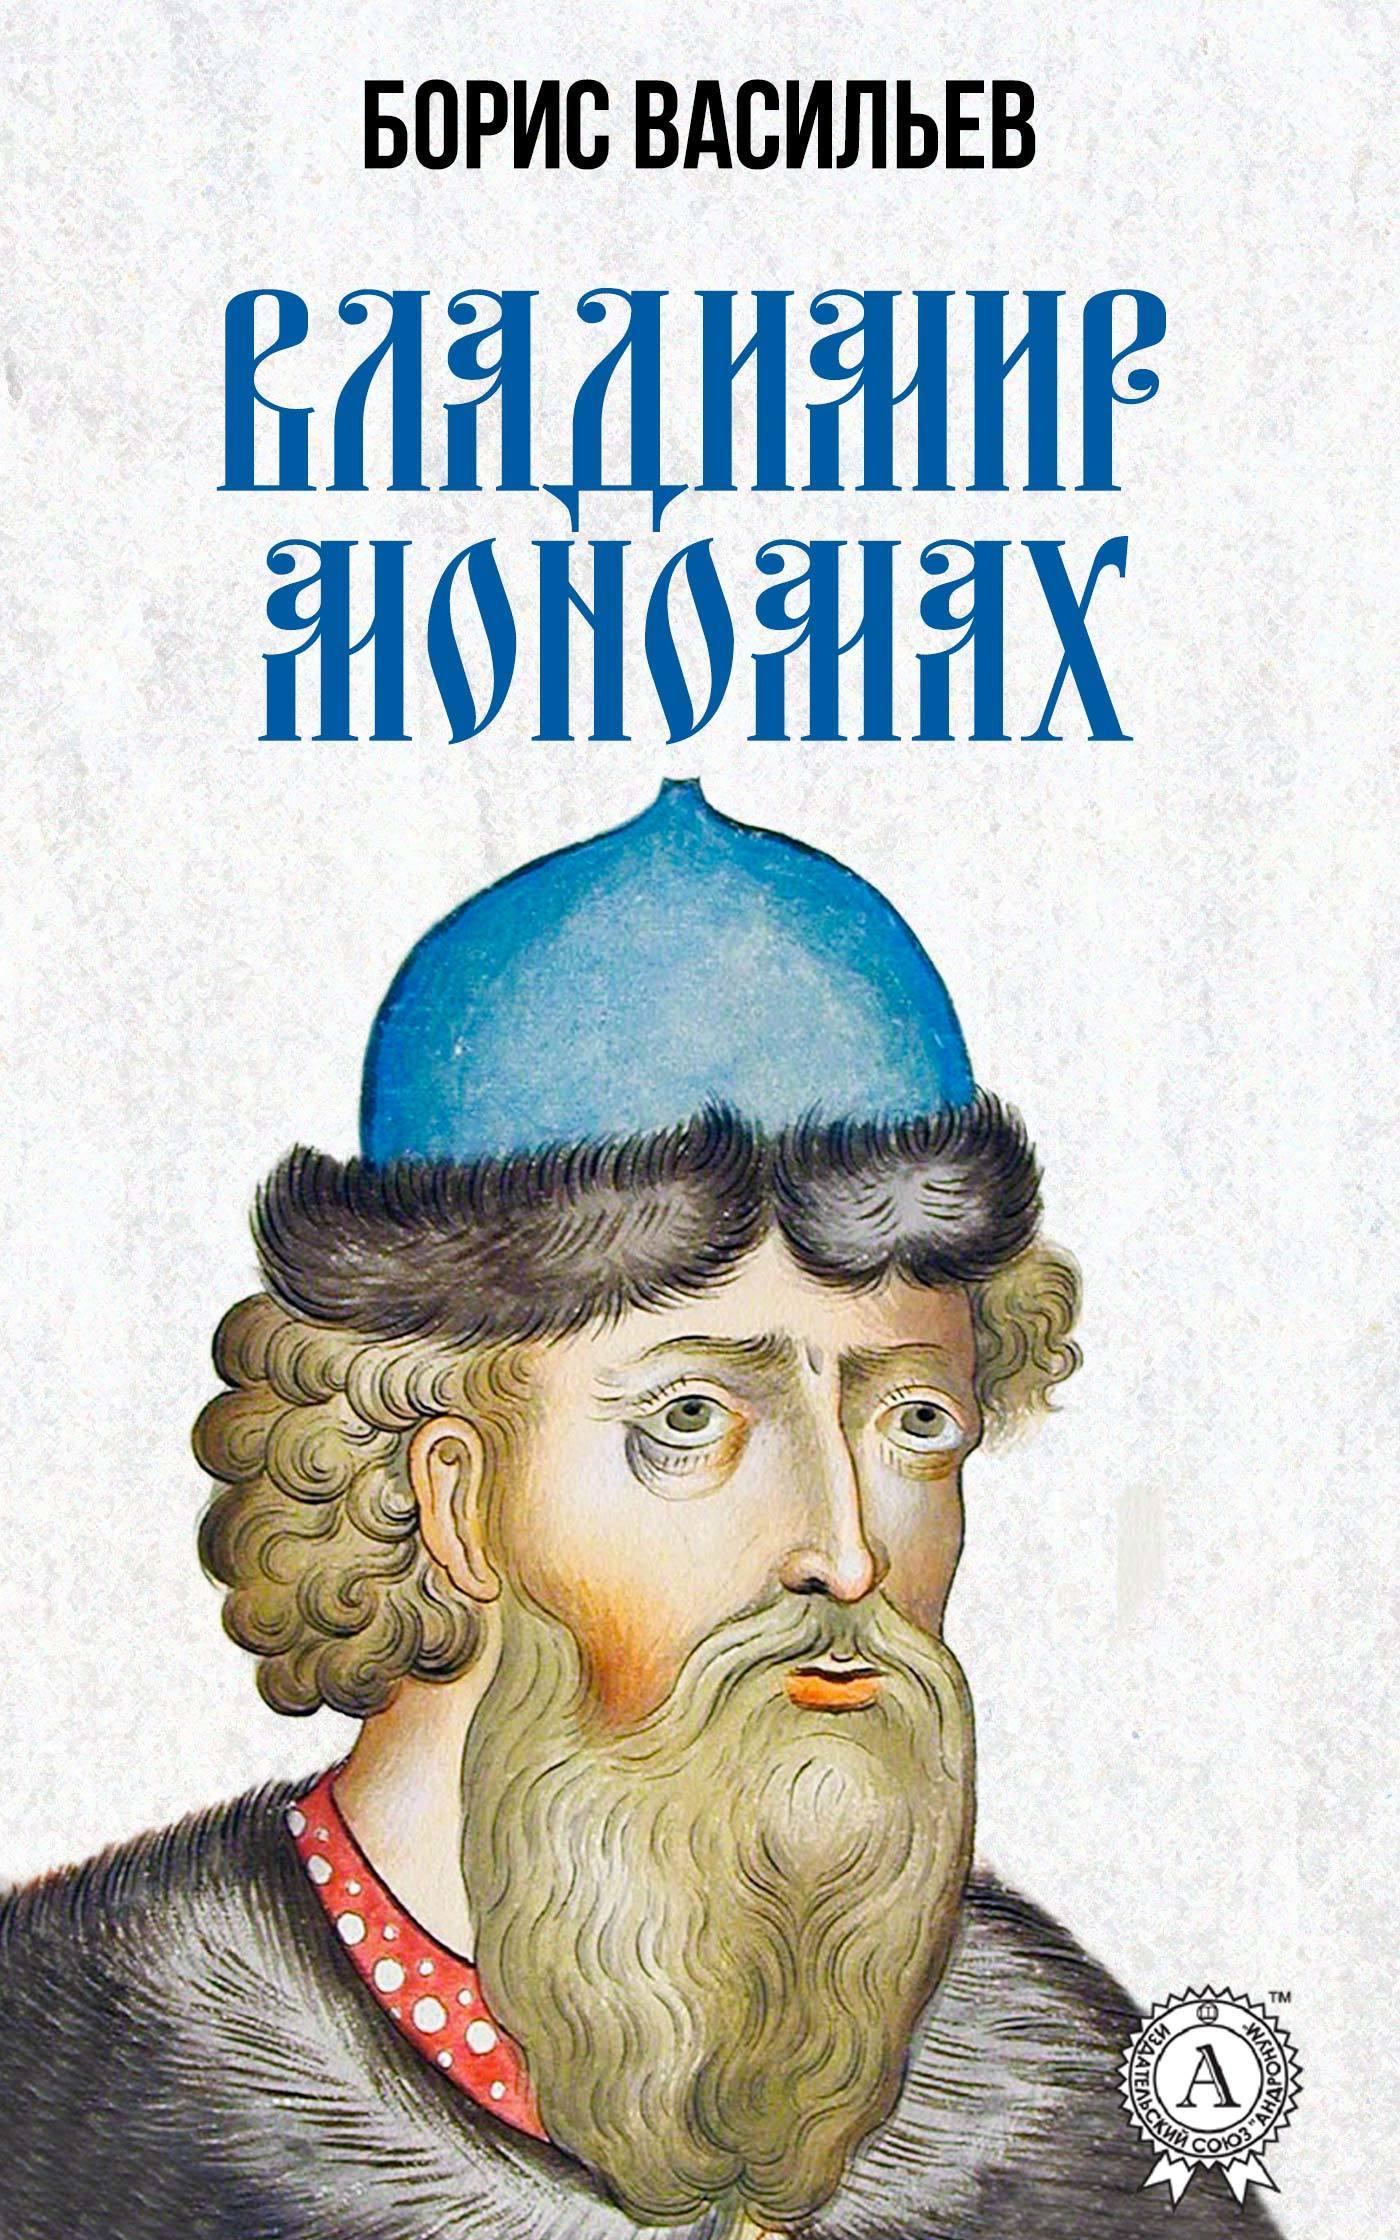 борис васильев были и небыли книга 2 господа офицеры Борис Васильев Владимир Мономах